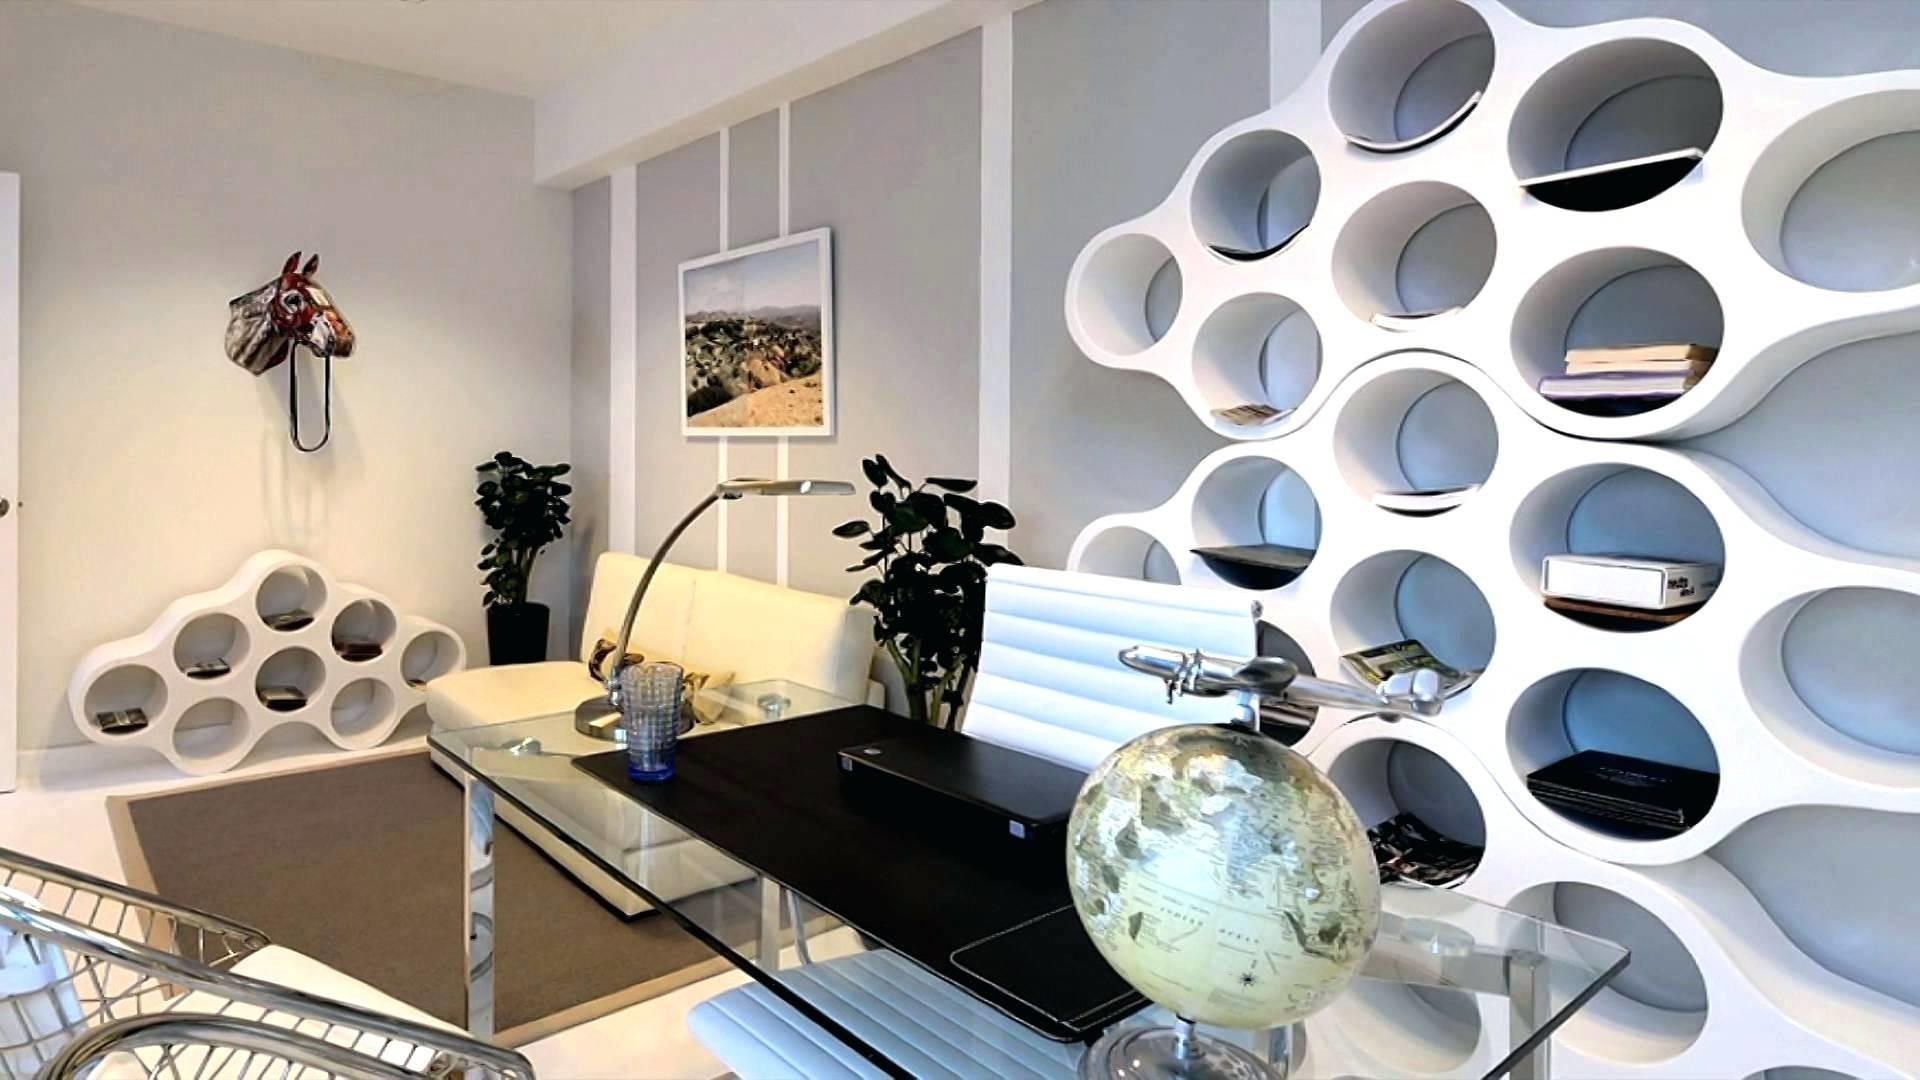 Dental Office Design Modern Shelves